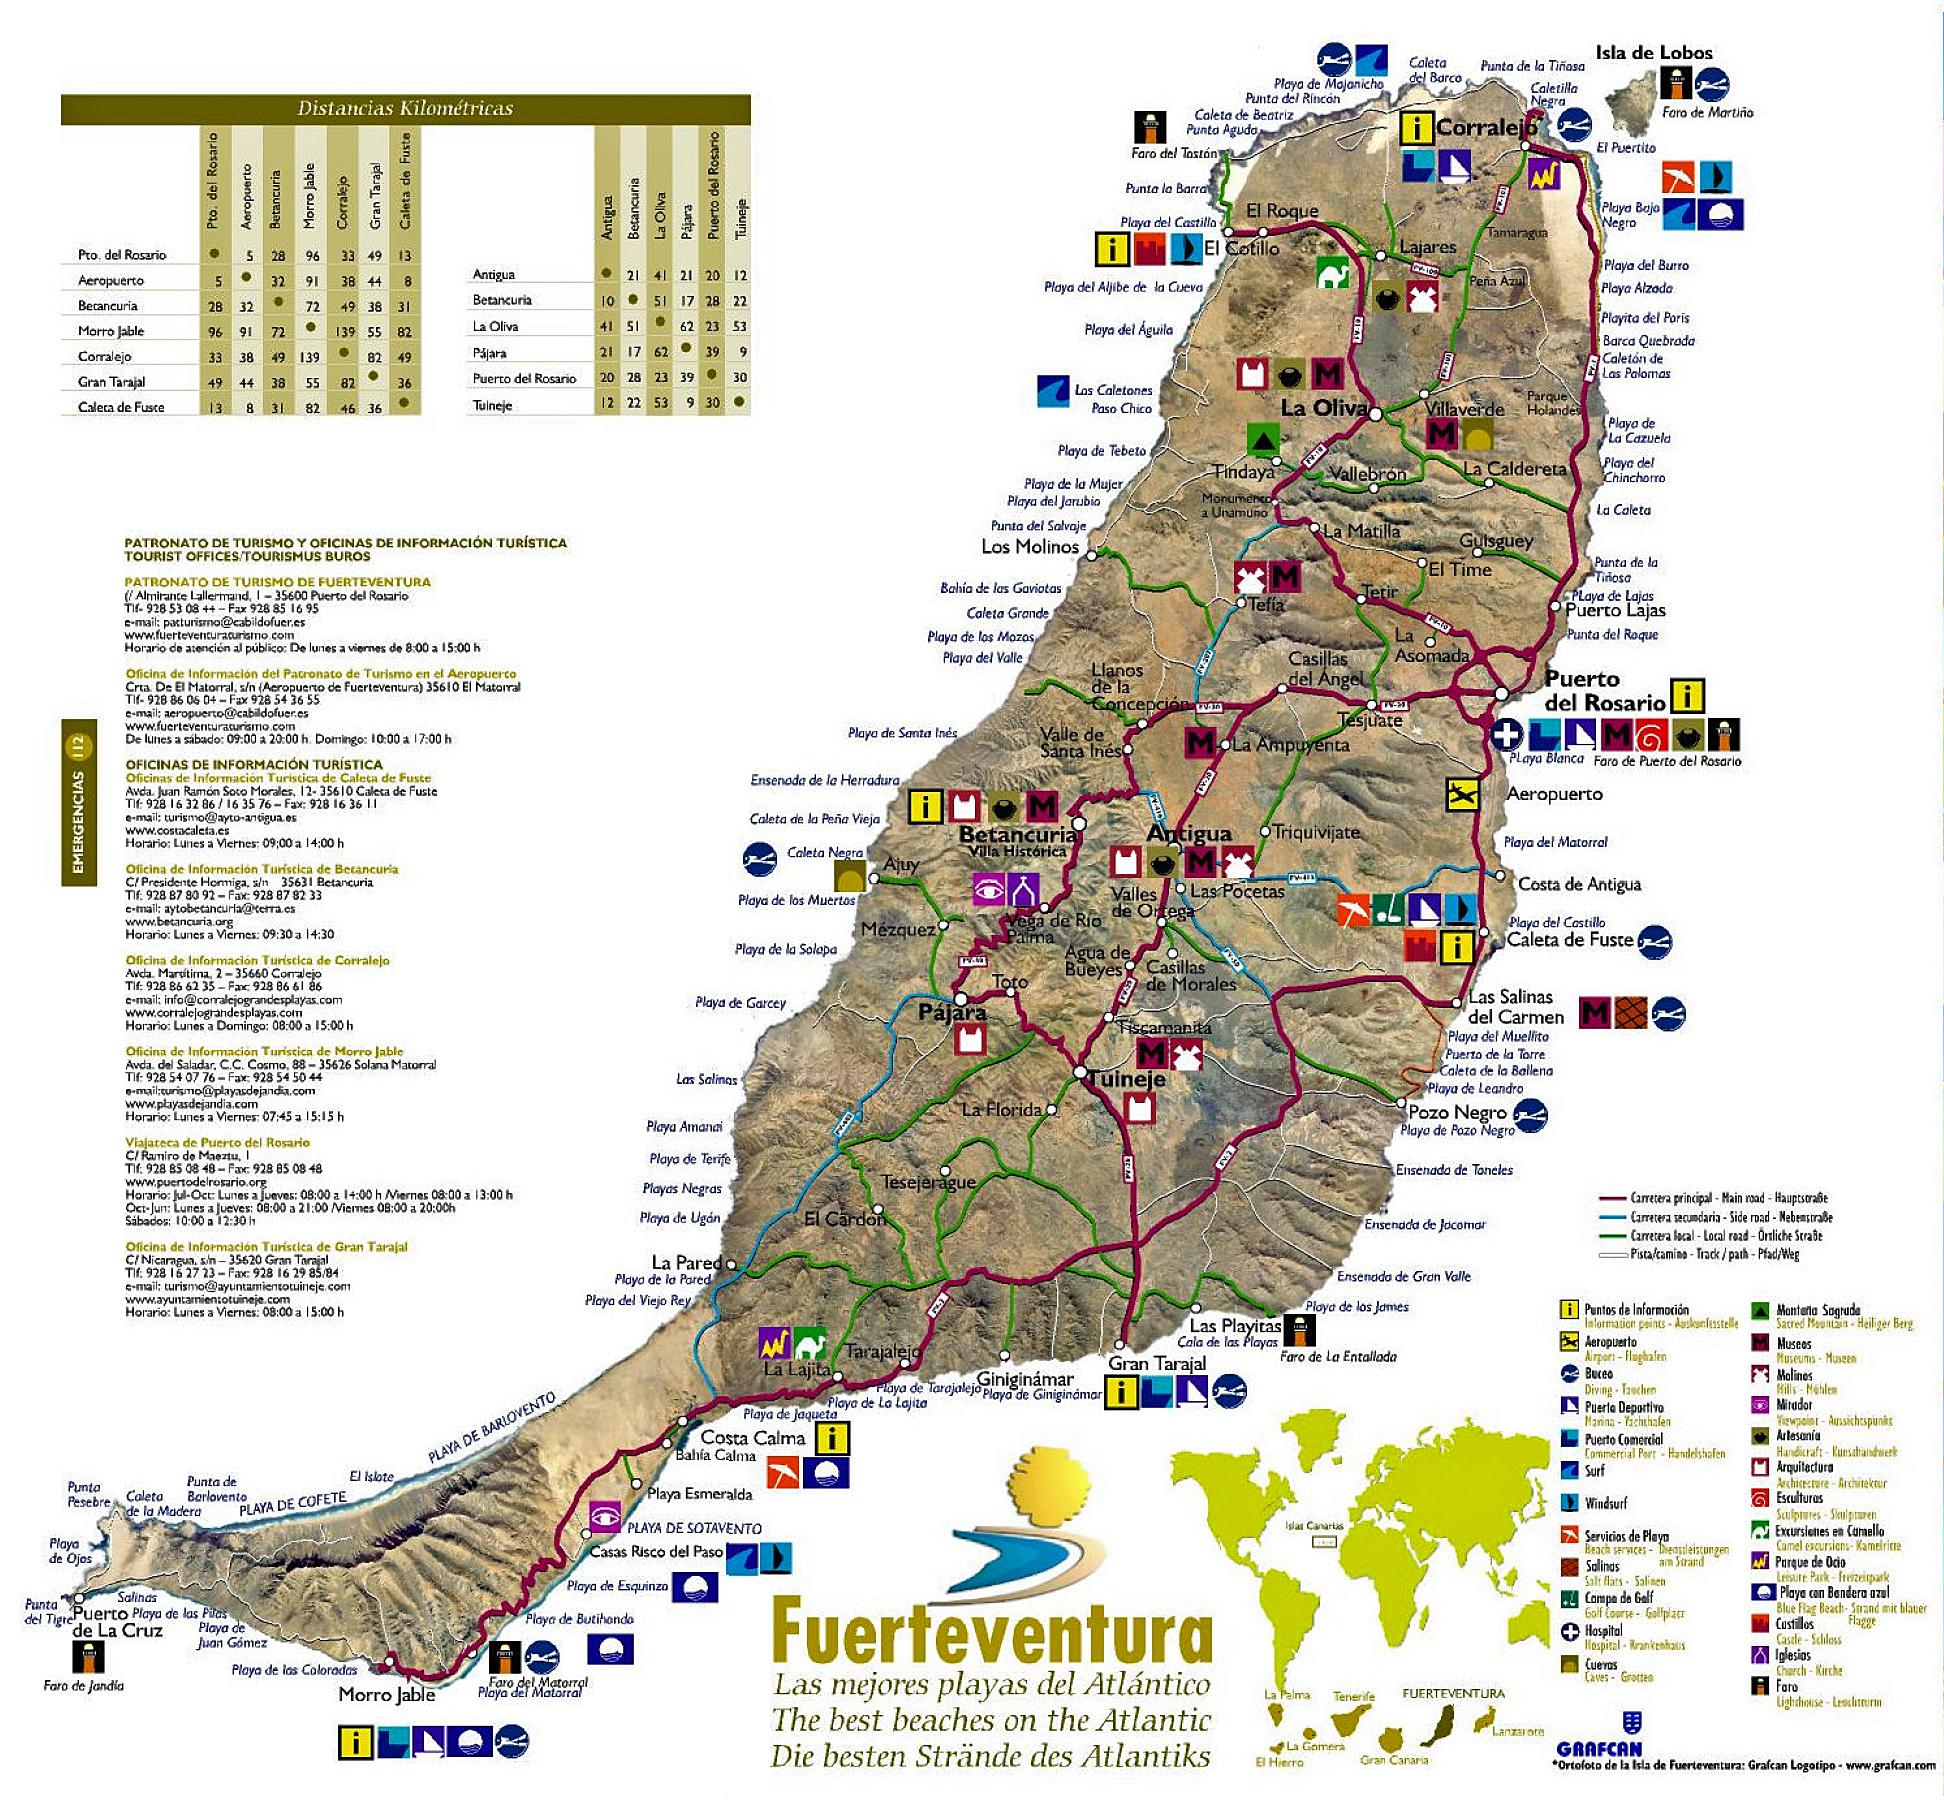 Kanaren Inseln Karte.Die Insel Fuerteventura Auf Den Kanarischen Inseln